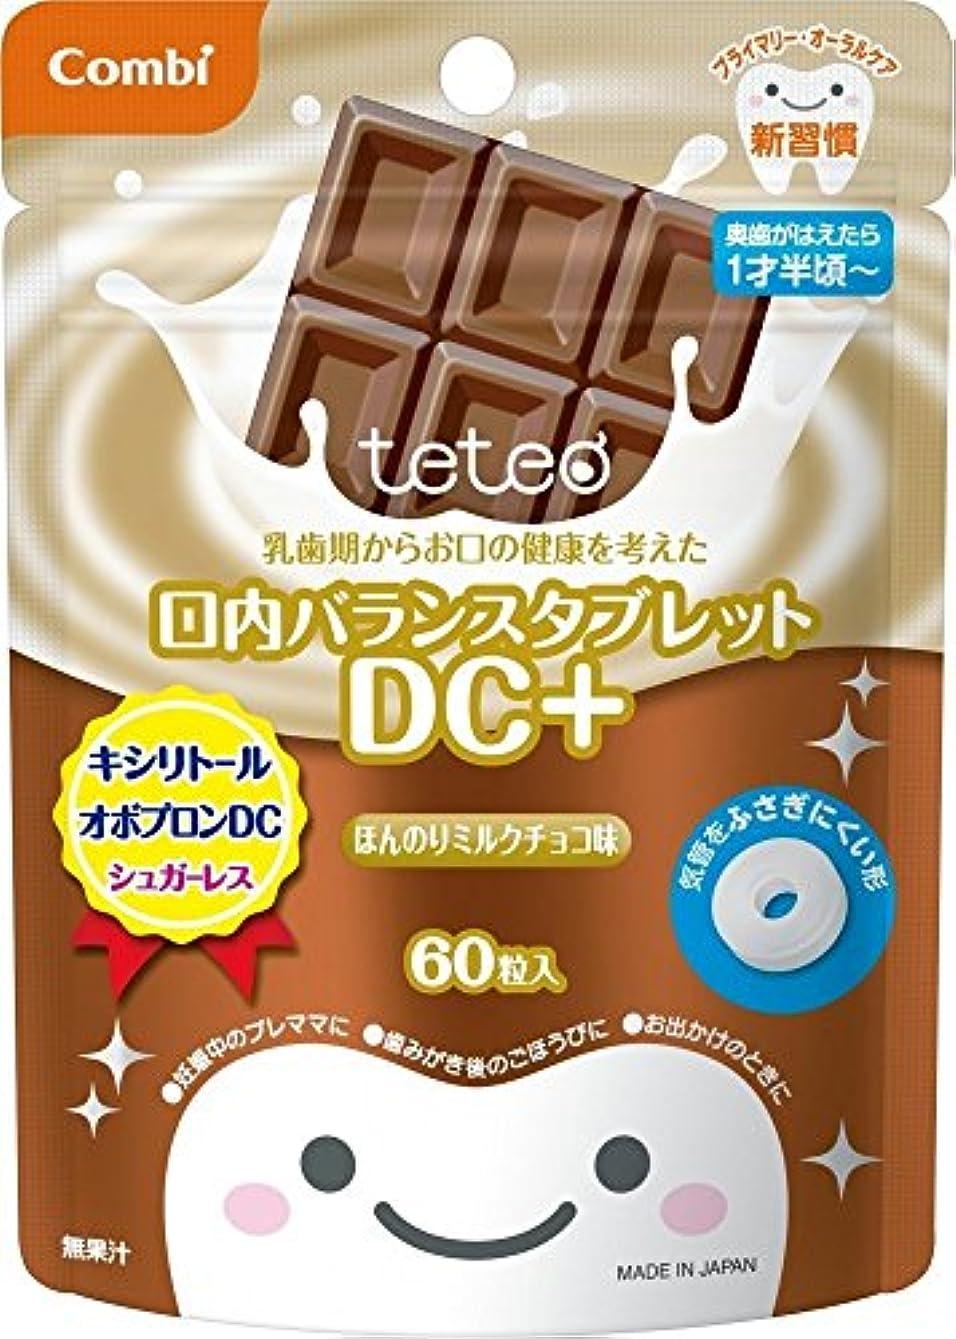 リーズ引き受ける白鳥コンビ テテオ 乳歯期からお口の健康を考えた口内バランスタブレット DC+ ほんのりミルクチョコ味 60粒